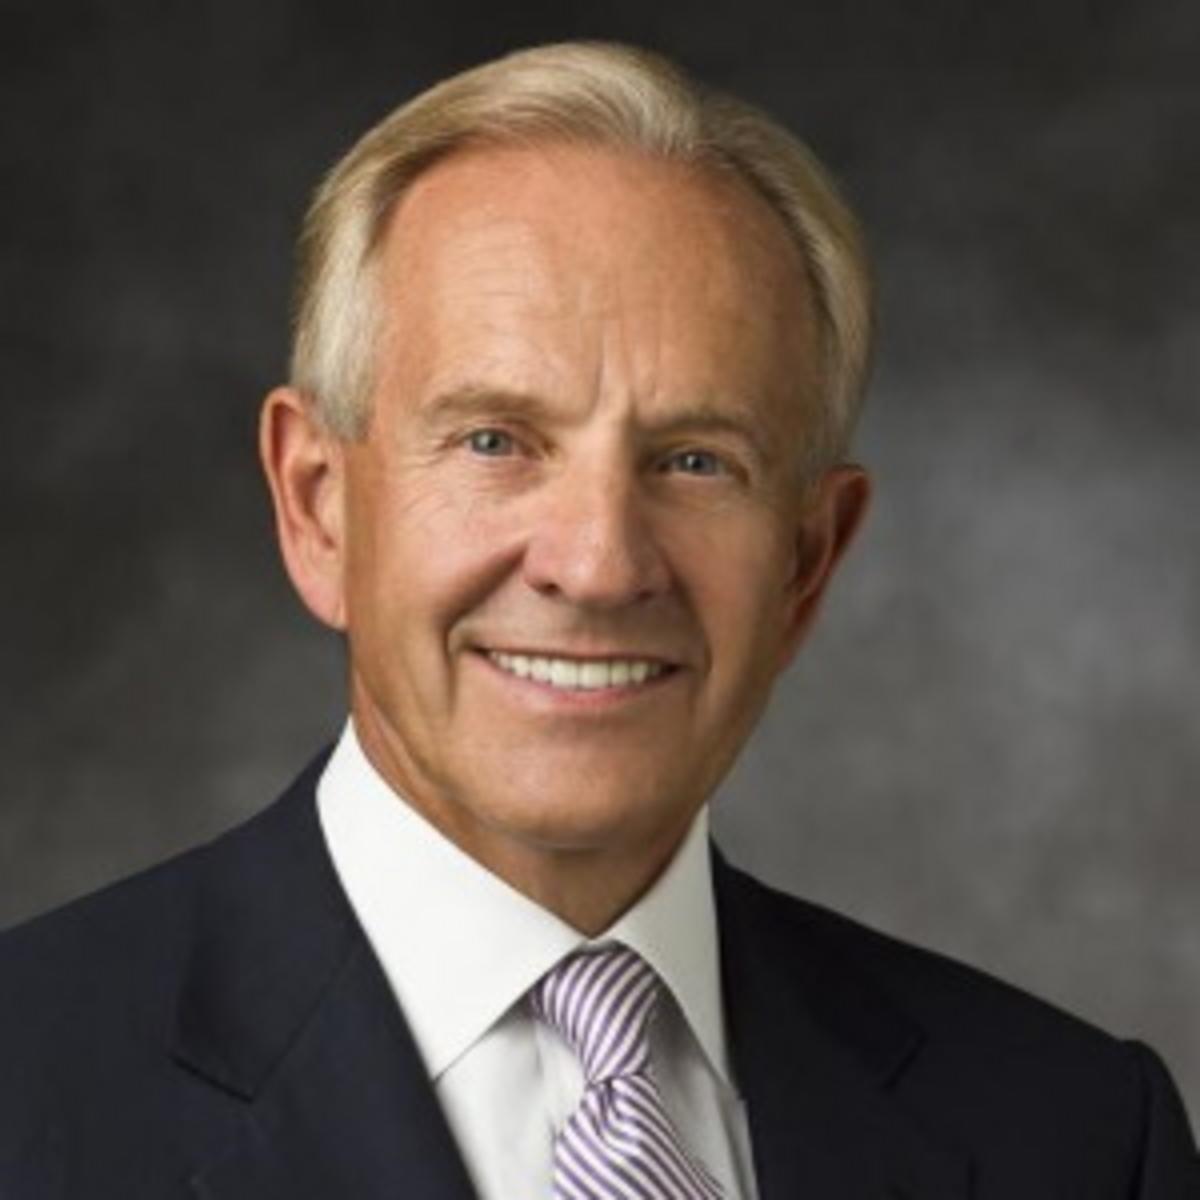 Craig W. Zwick